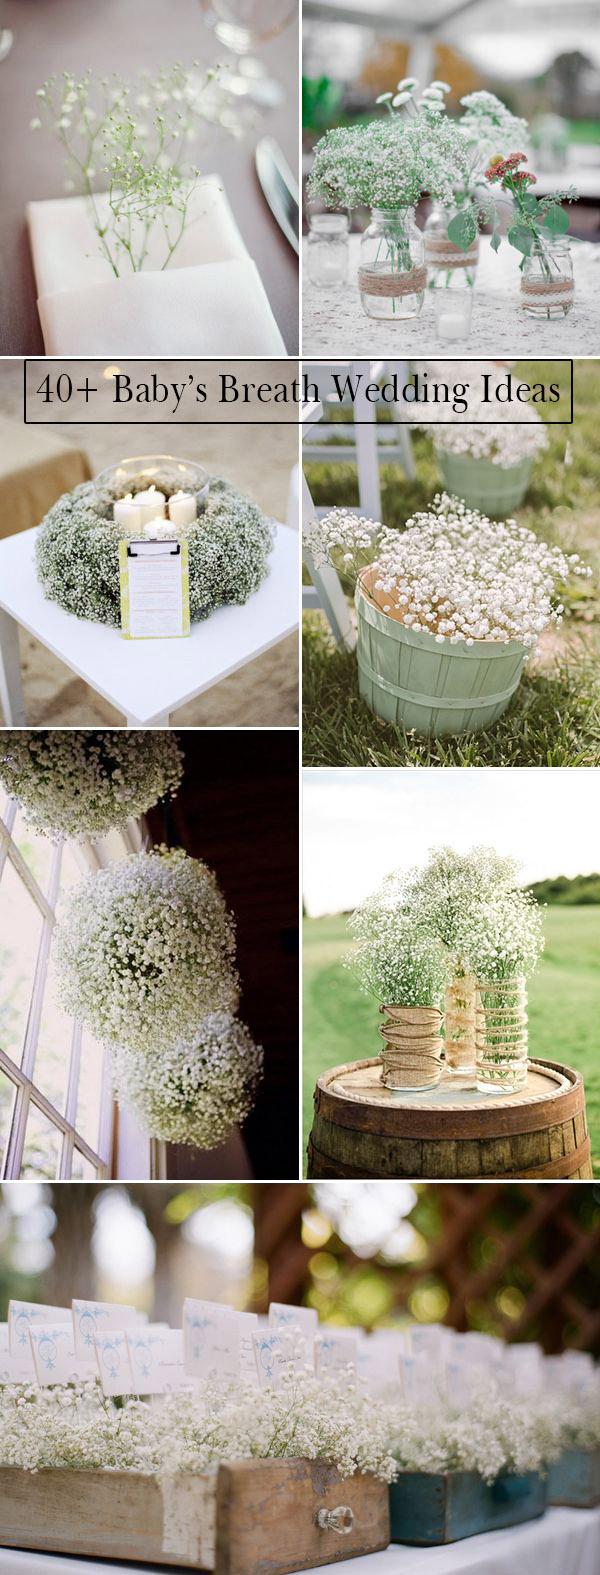 Affordable Wedding Ideas Wedding Flowers 40 Ideas To Use Bas Breath